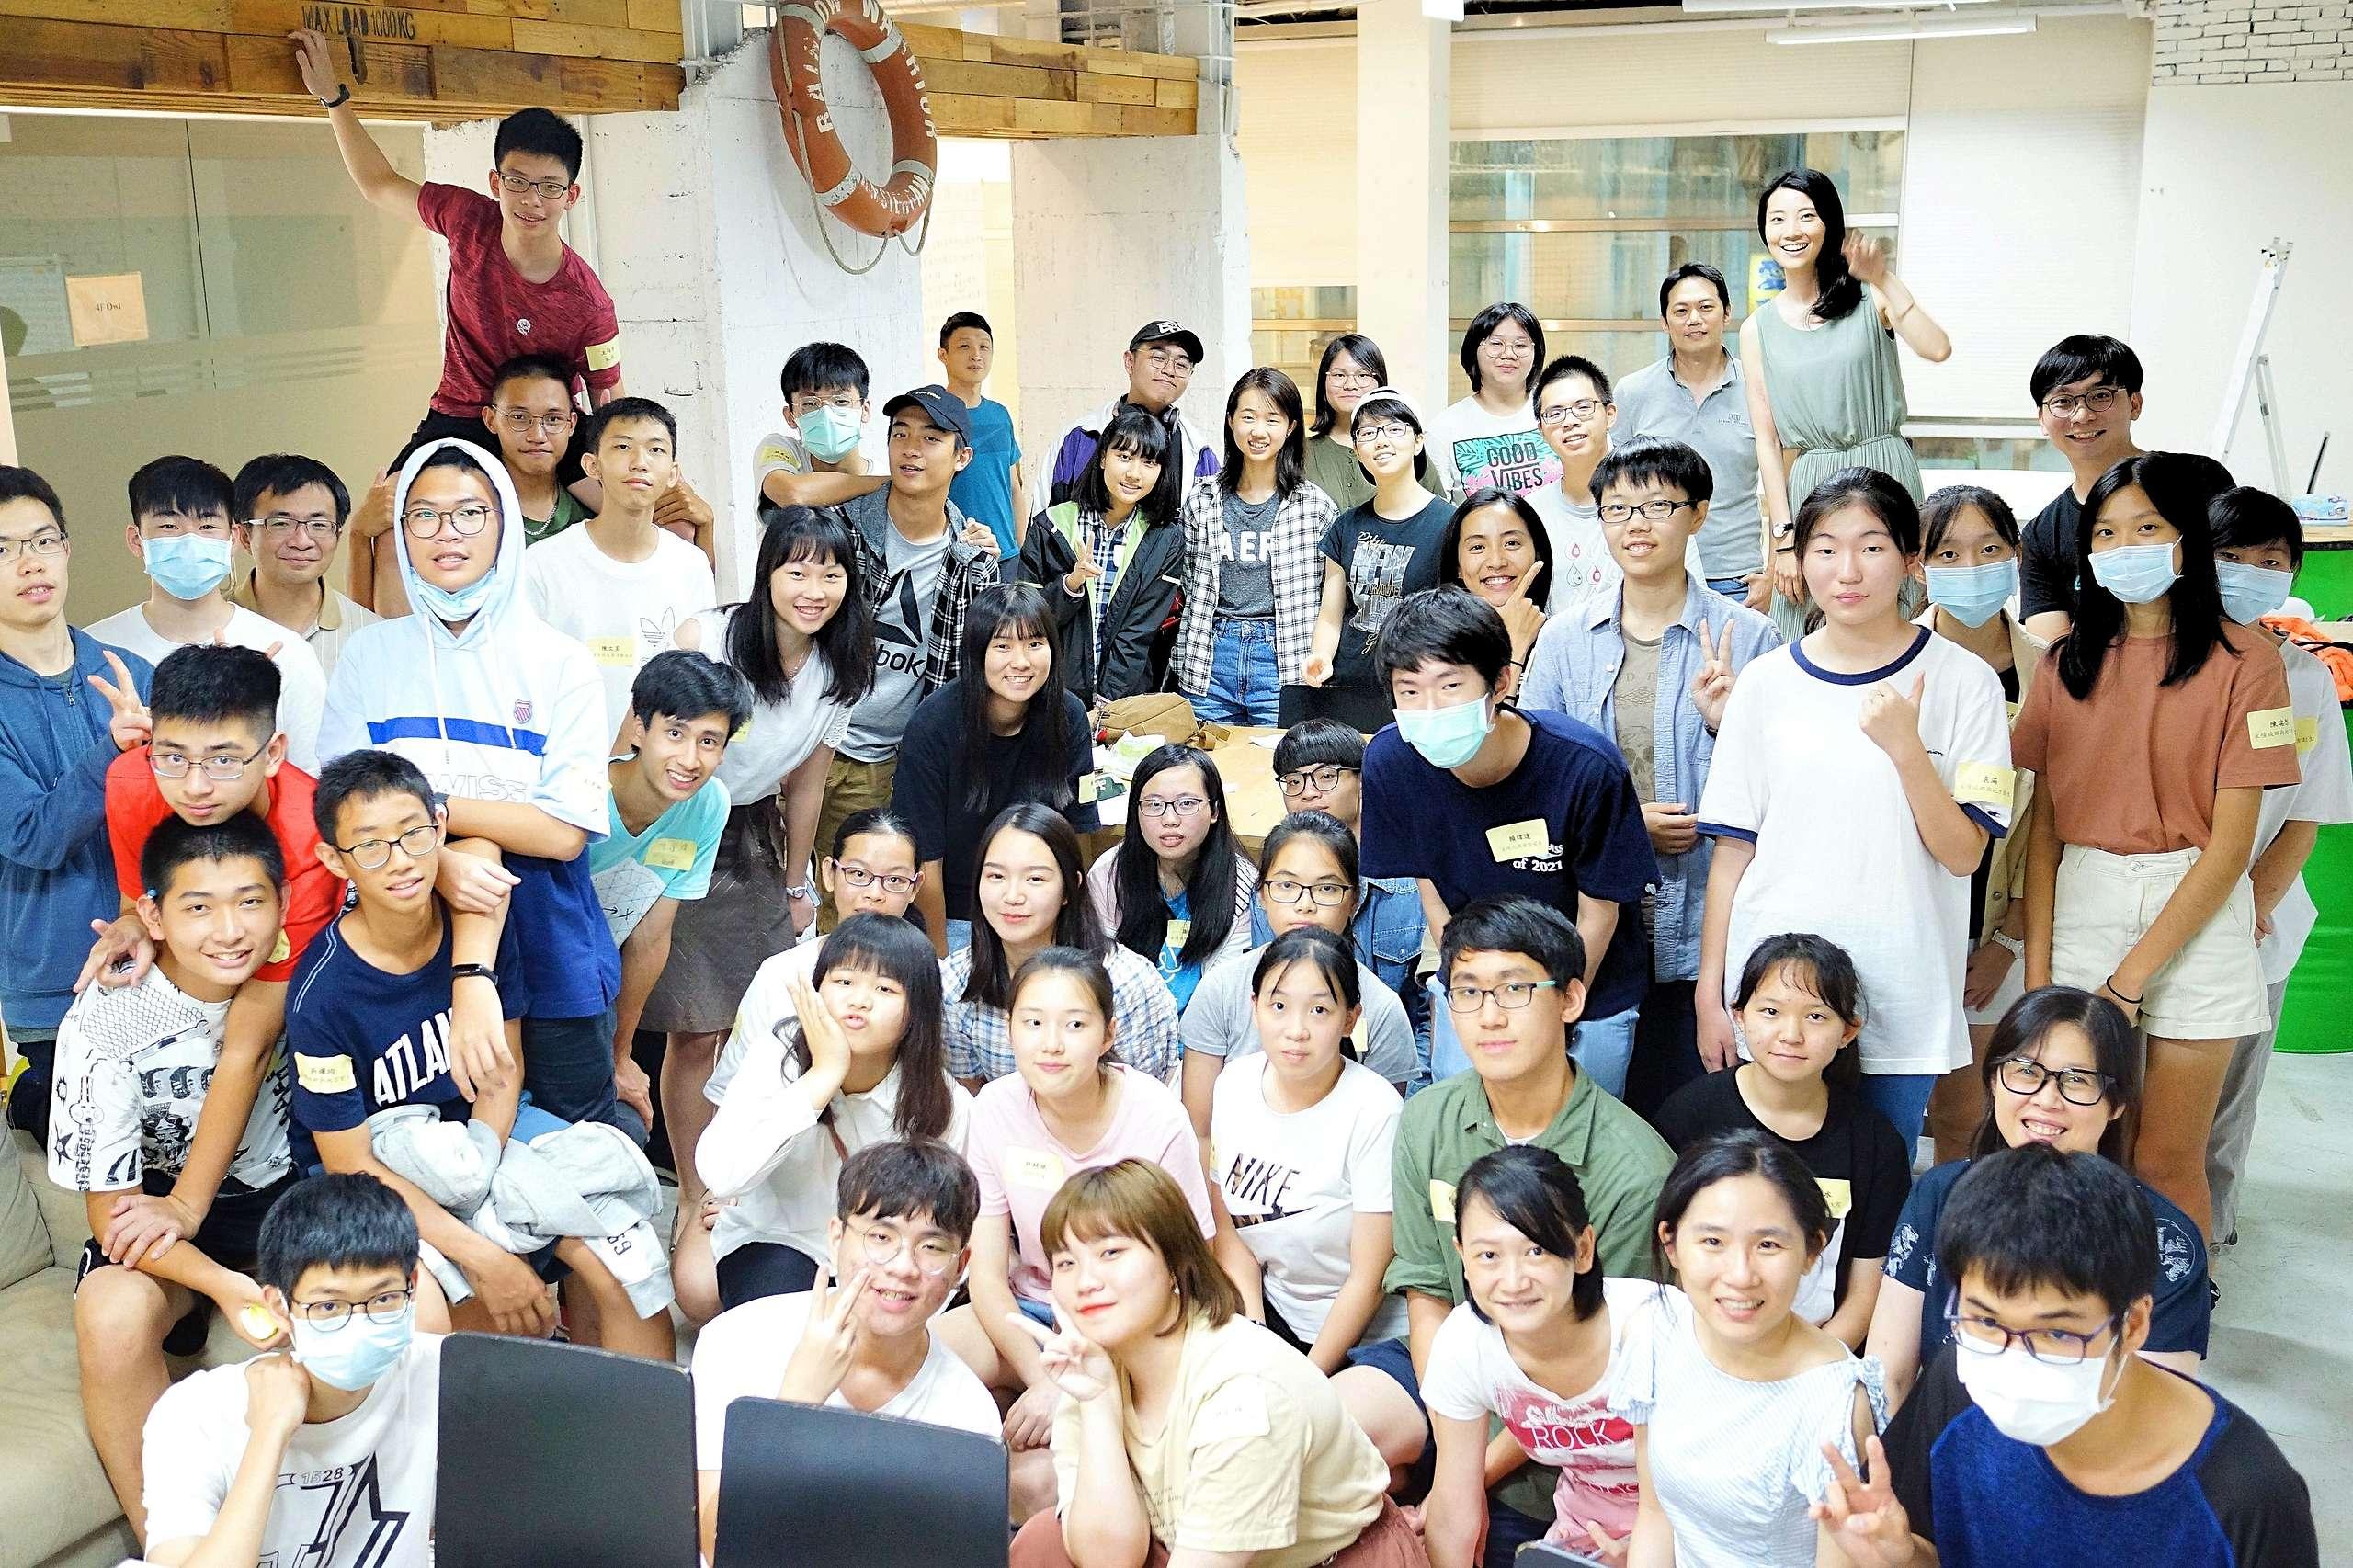 選文工作坊結束後,同學們與講師大合照。